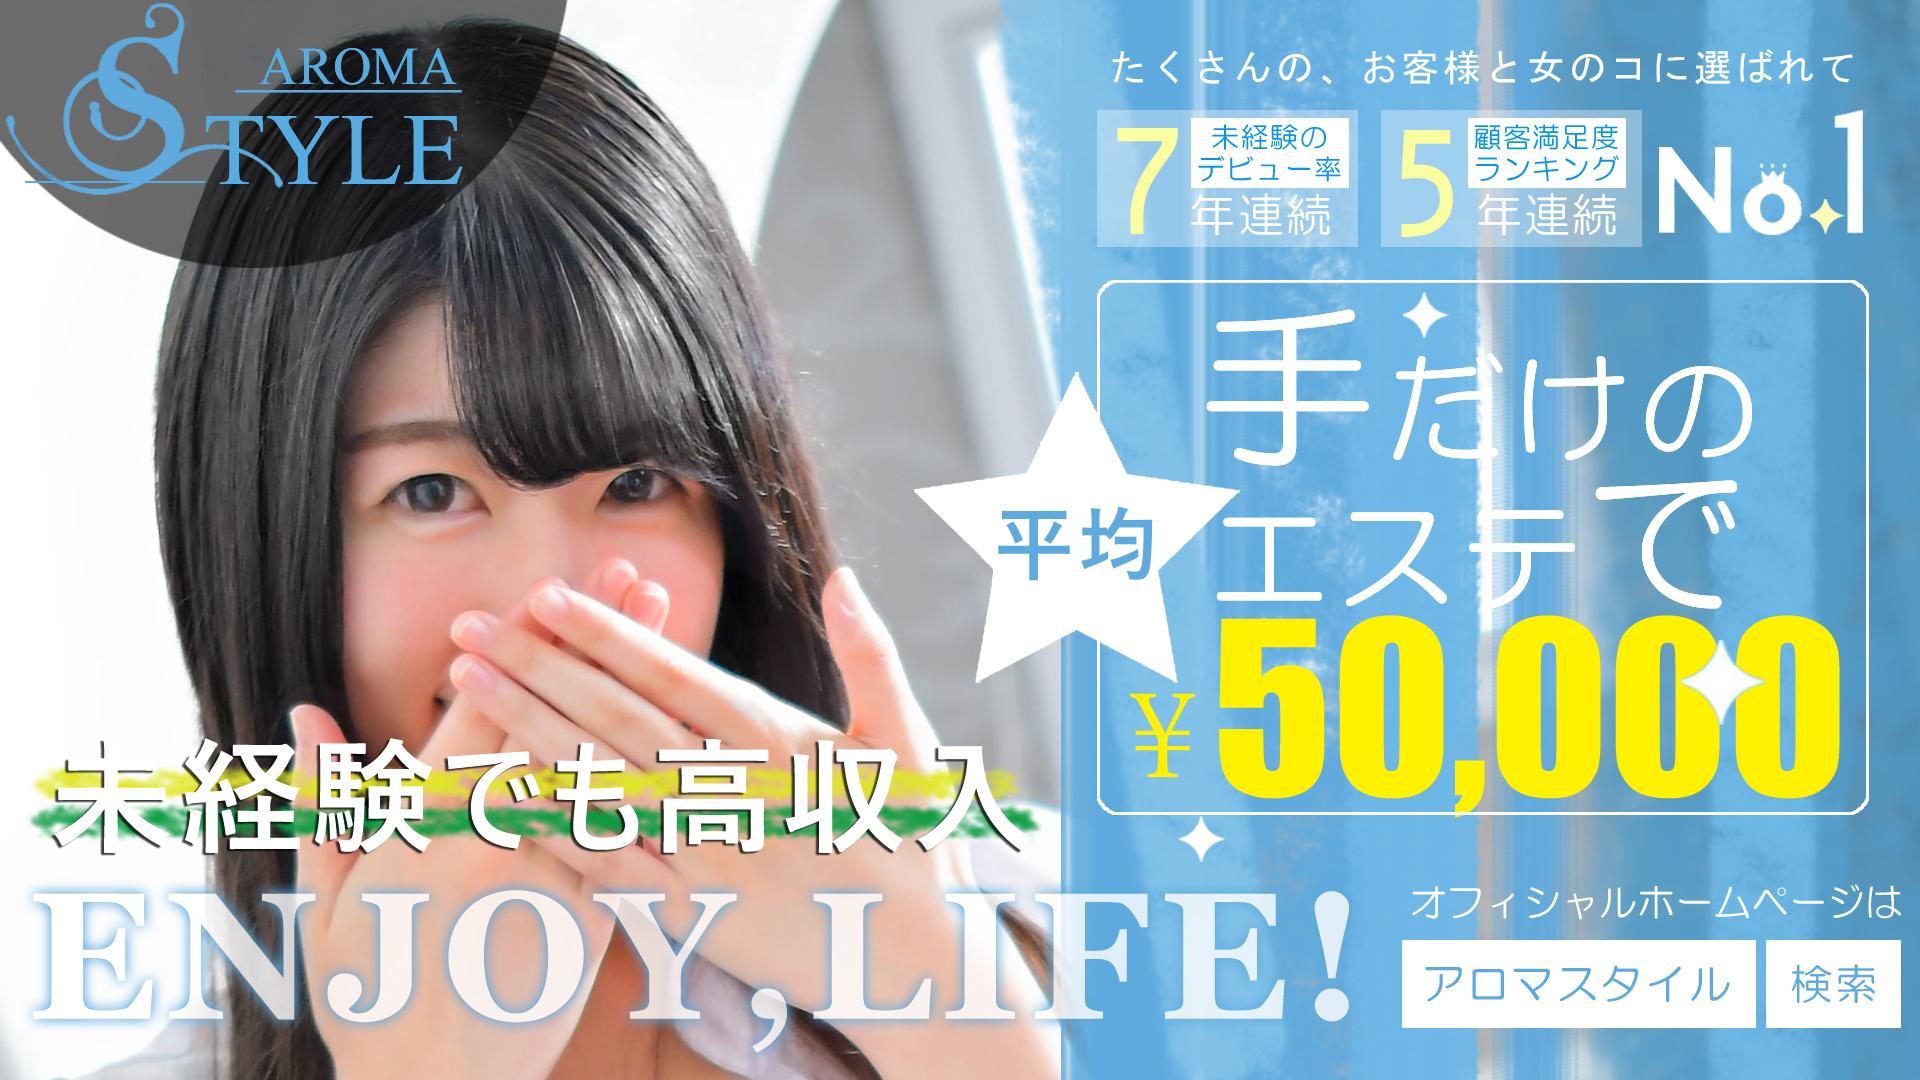 東京アロマスタイルの求人画像